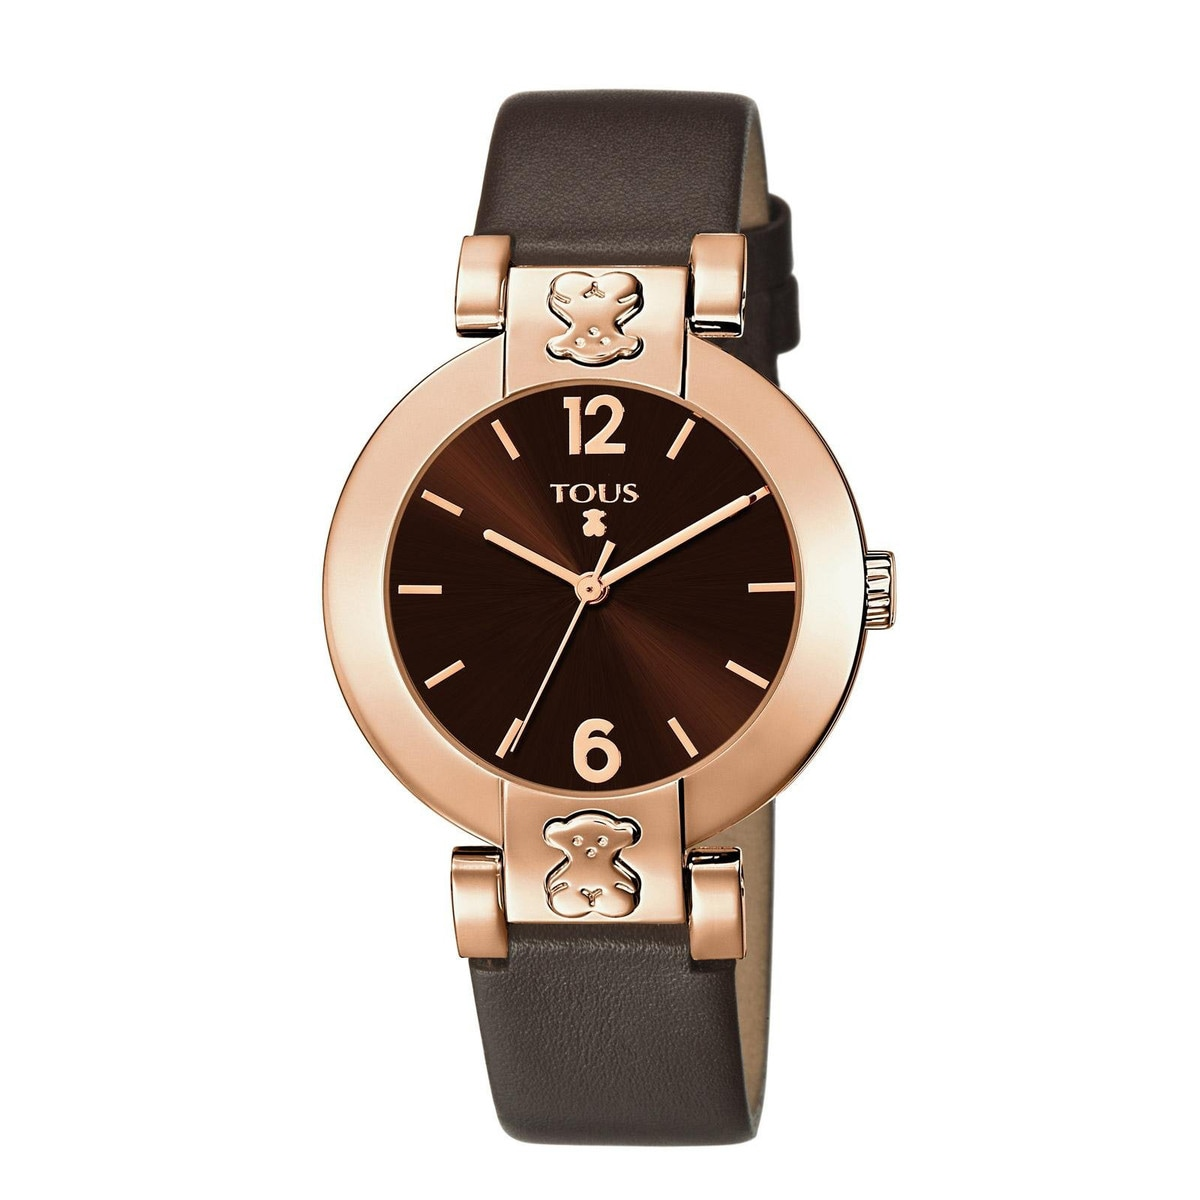 7215c06086e9 Reloj Plate Round de acero IP rosado con correa de piel marrón ...